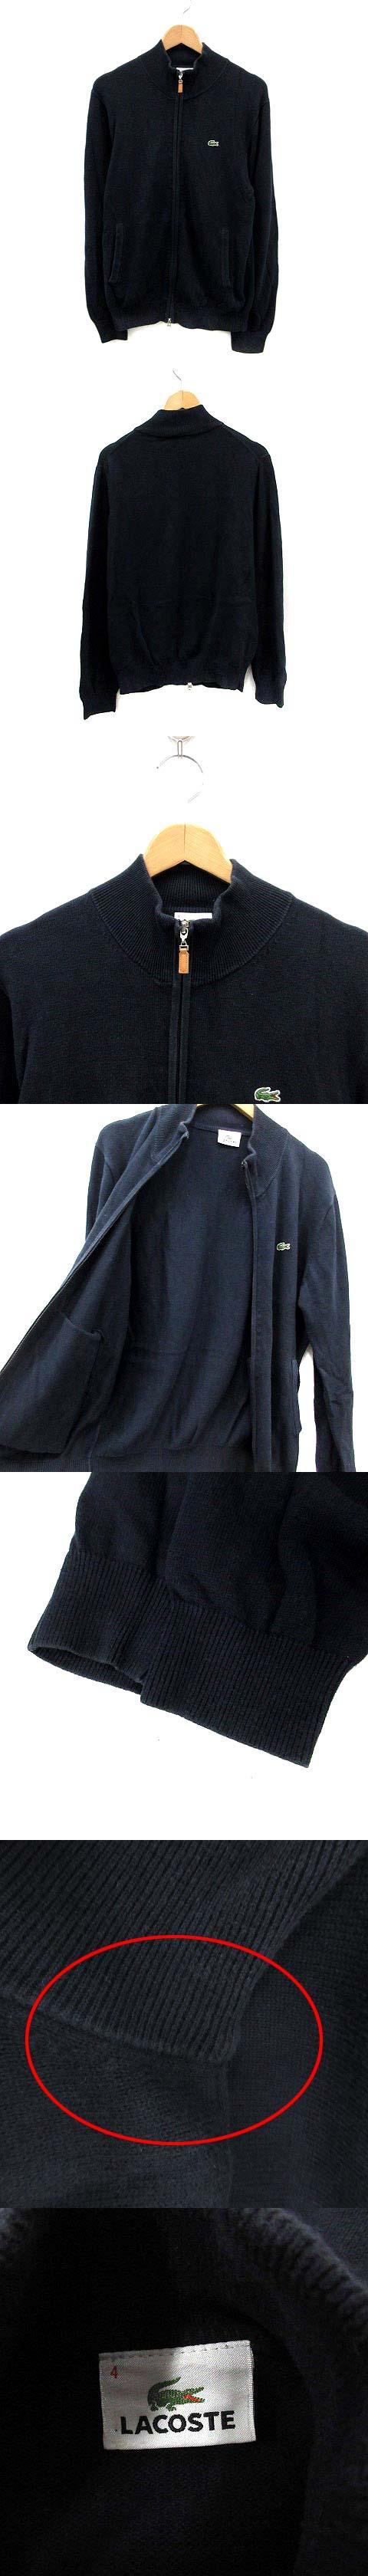 ジャケット ニット ハイネック ジップアップ ロゴ ワッペン 4 紺 /YI23